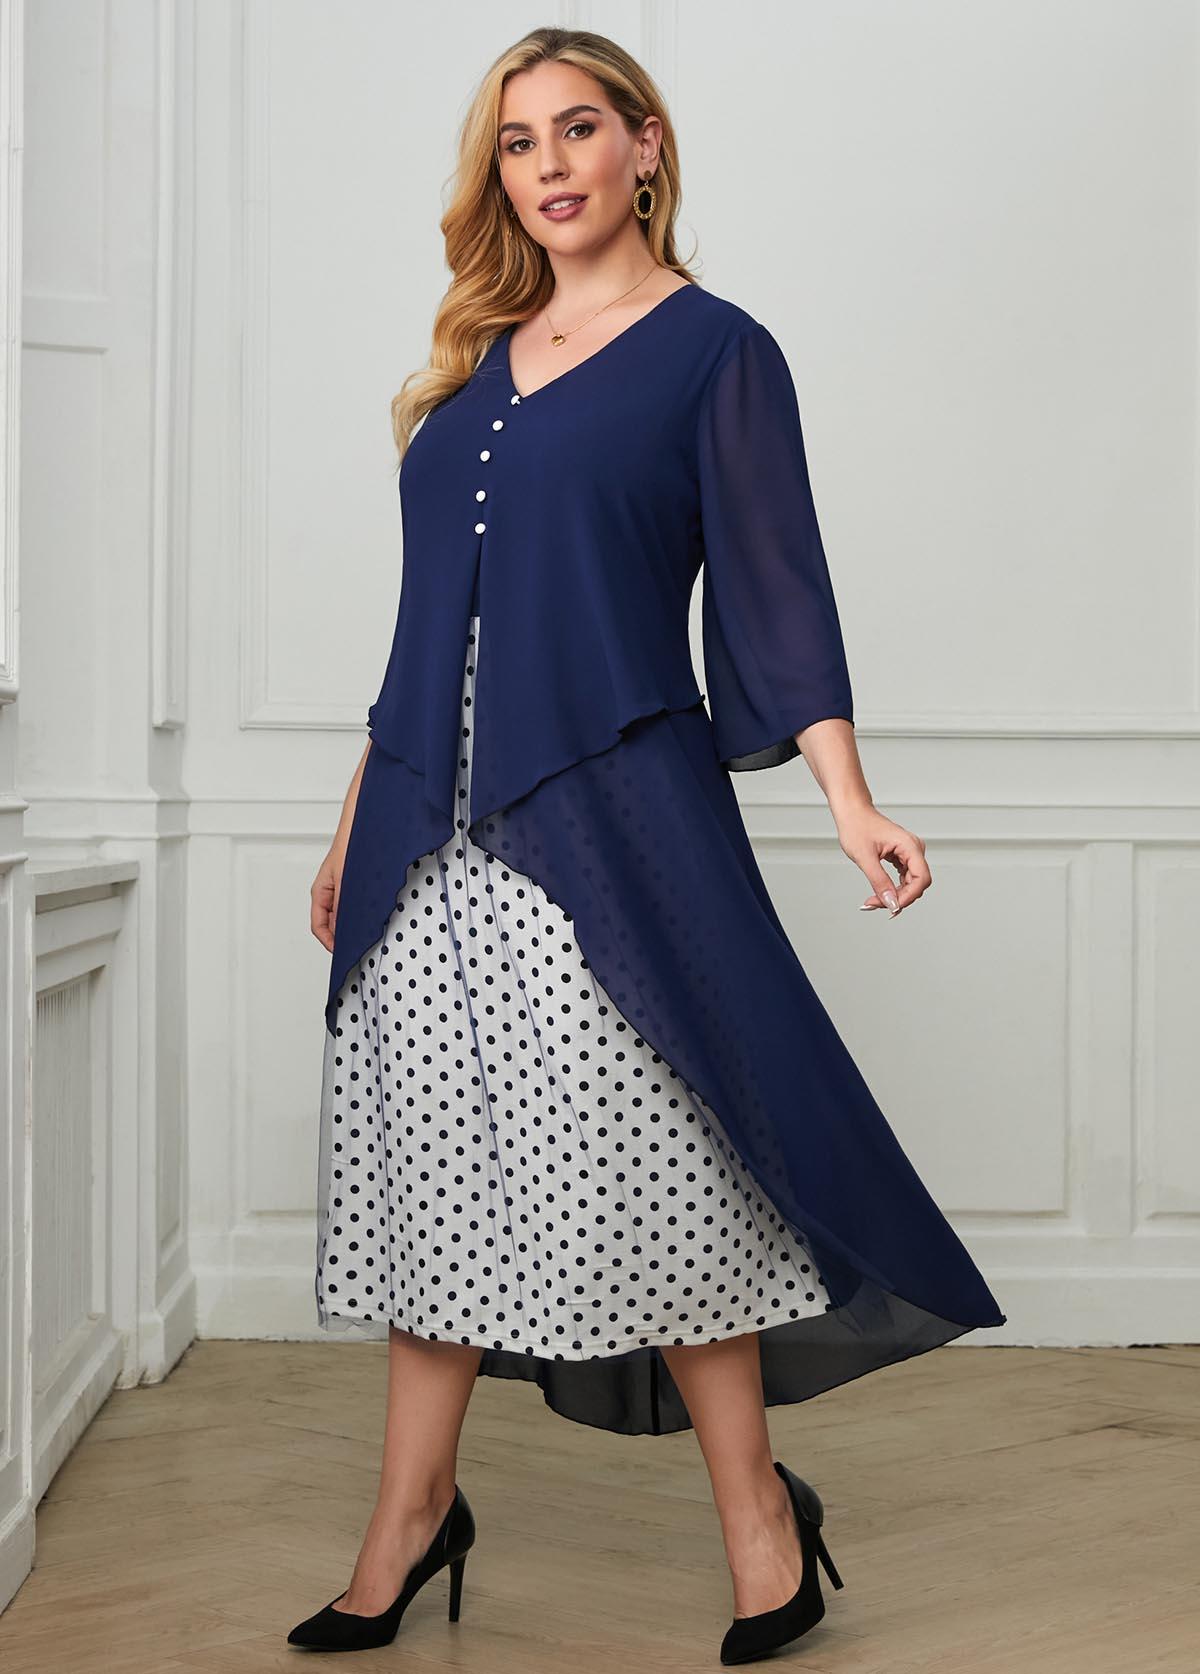 Mesh Stitching Polka Dot Layered Plus Size Dress